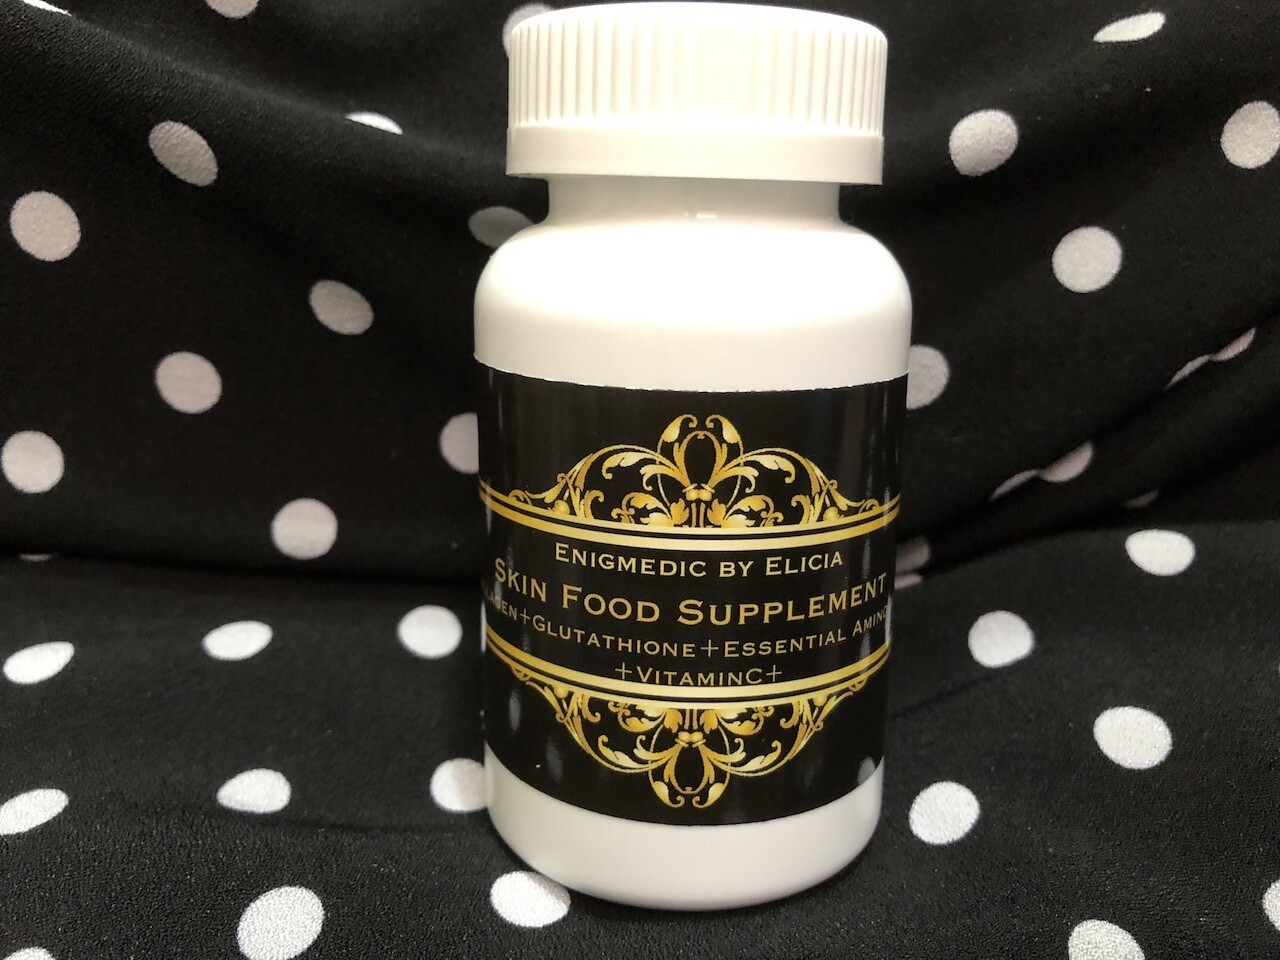 Skin Food Supplement - Glutathione glow